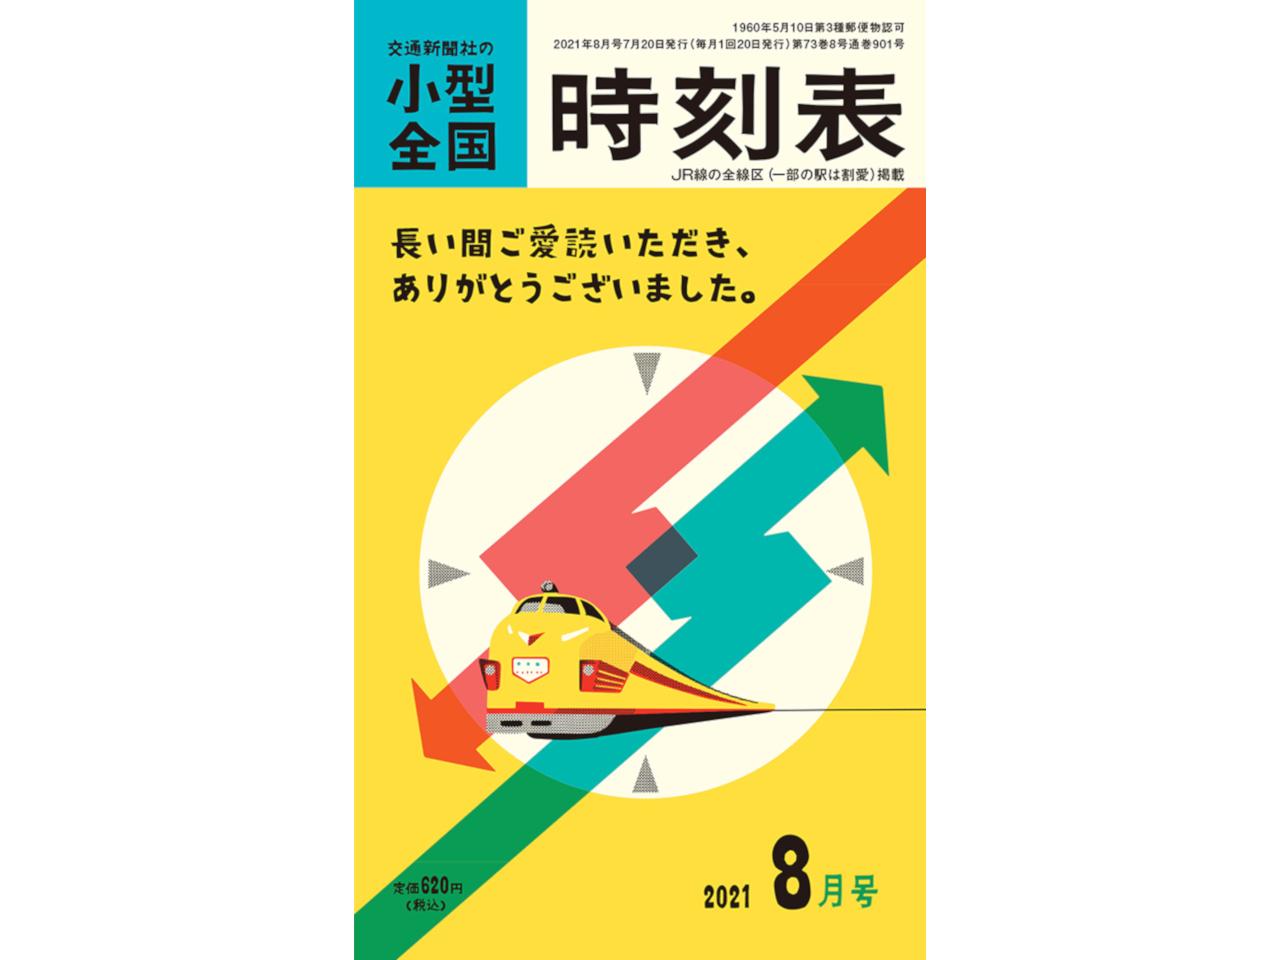 休刊となる小型全国時刻表(画像:交通新聞社)